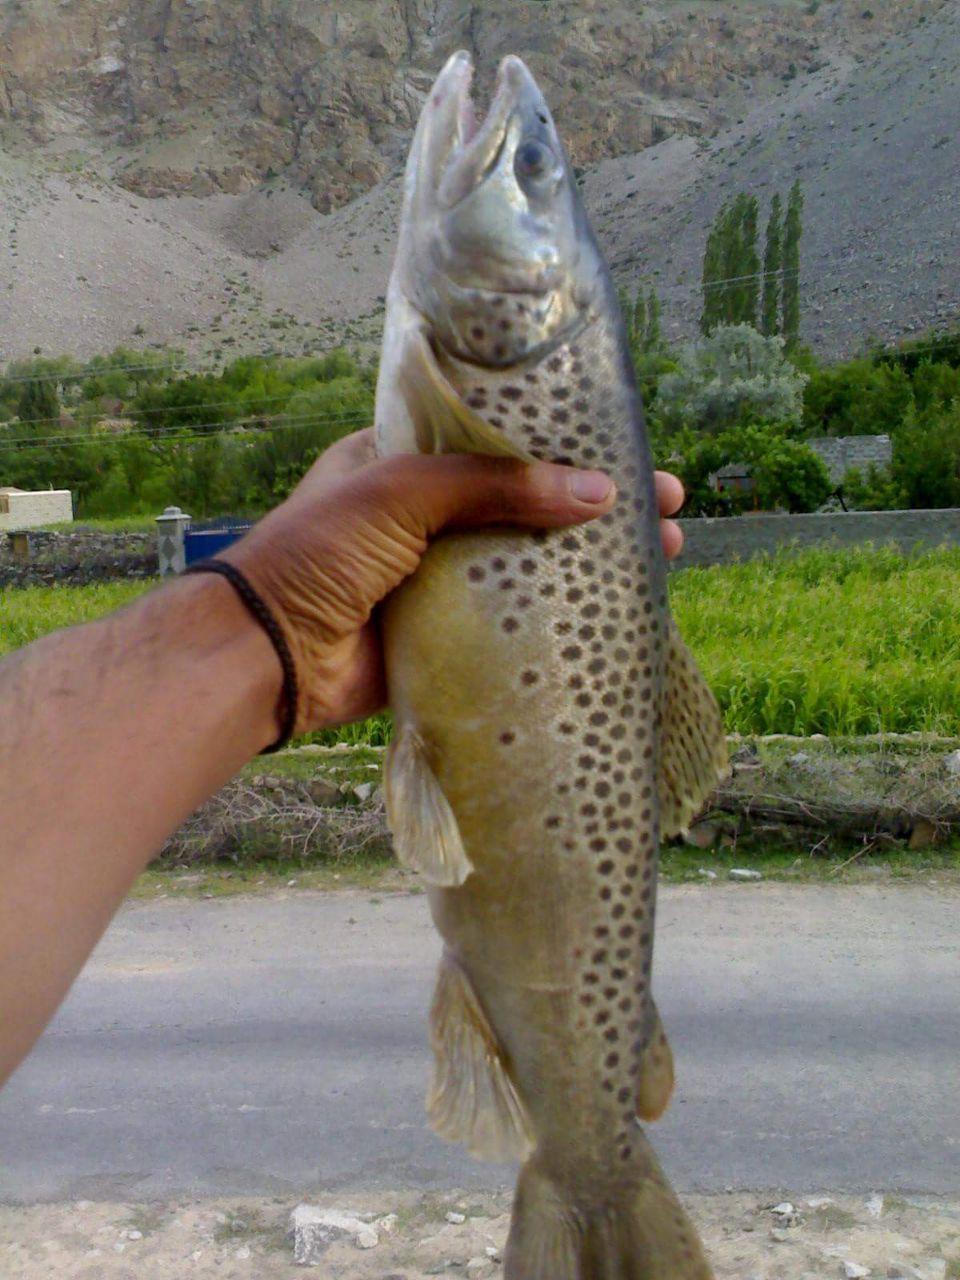 غذر کے بالائی علاقوںمیںٹراوٹ مچھلی کا غیر قانونی شکار جاری